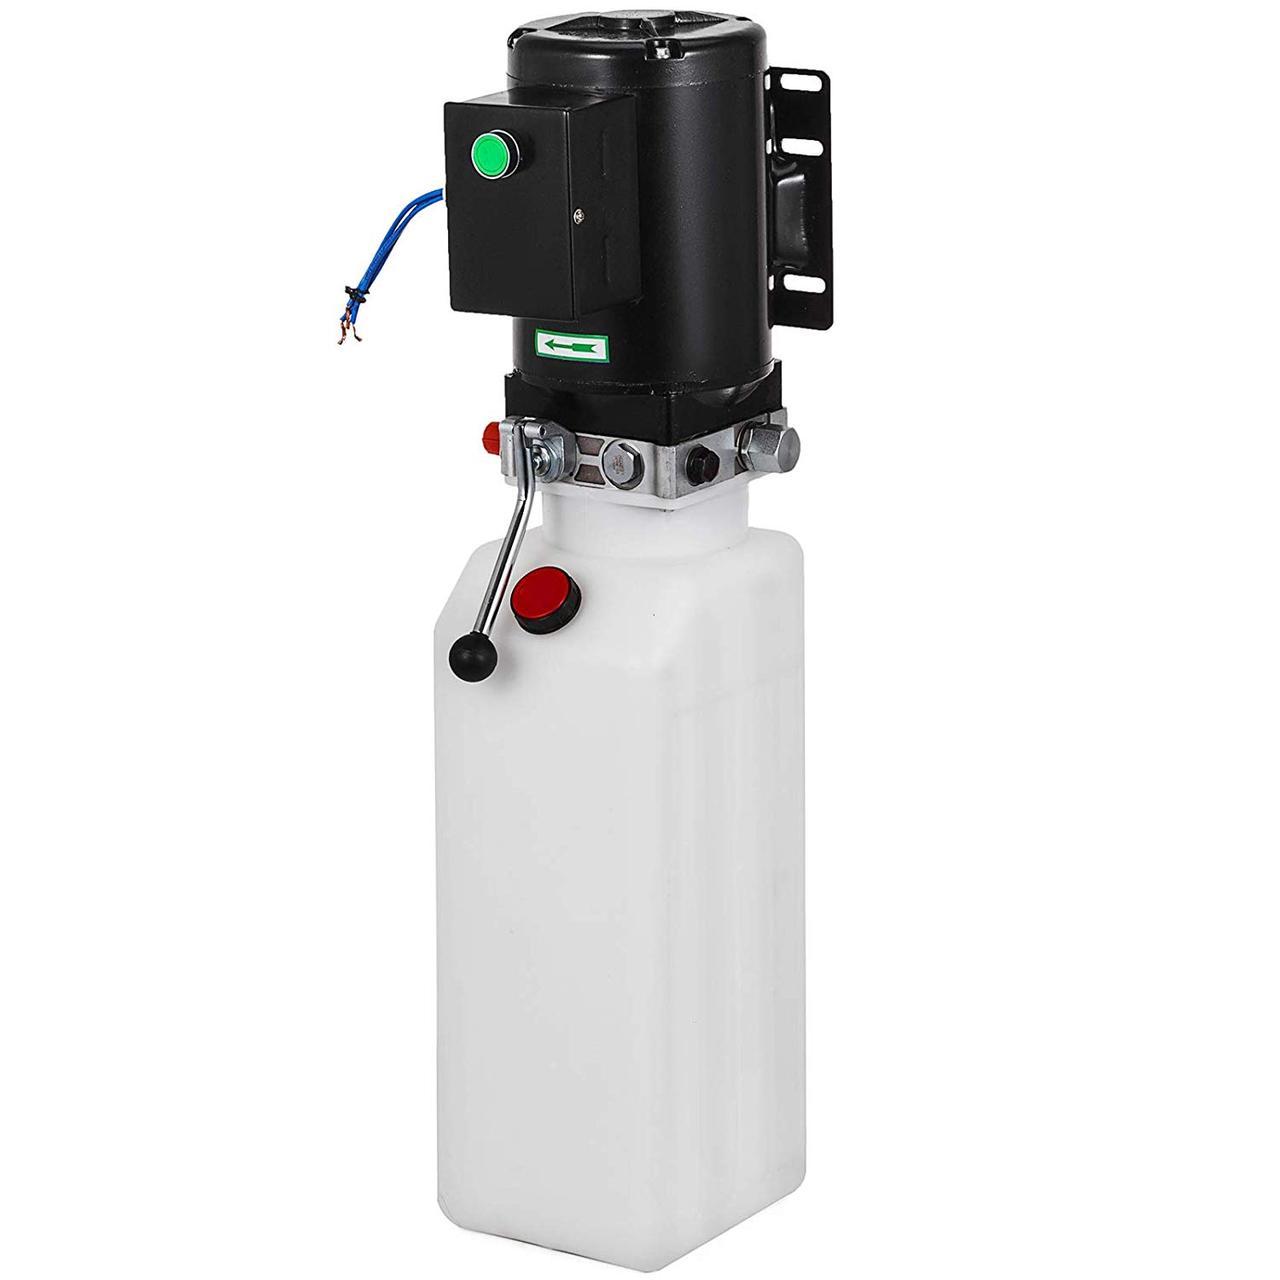 Гидравлическая маслостанция Presko 2.5 кВт, 24 В